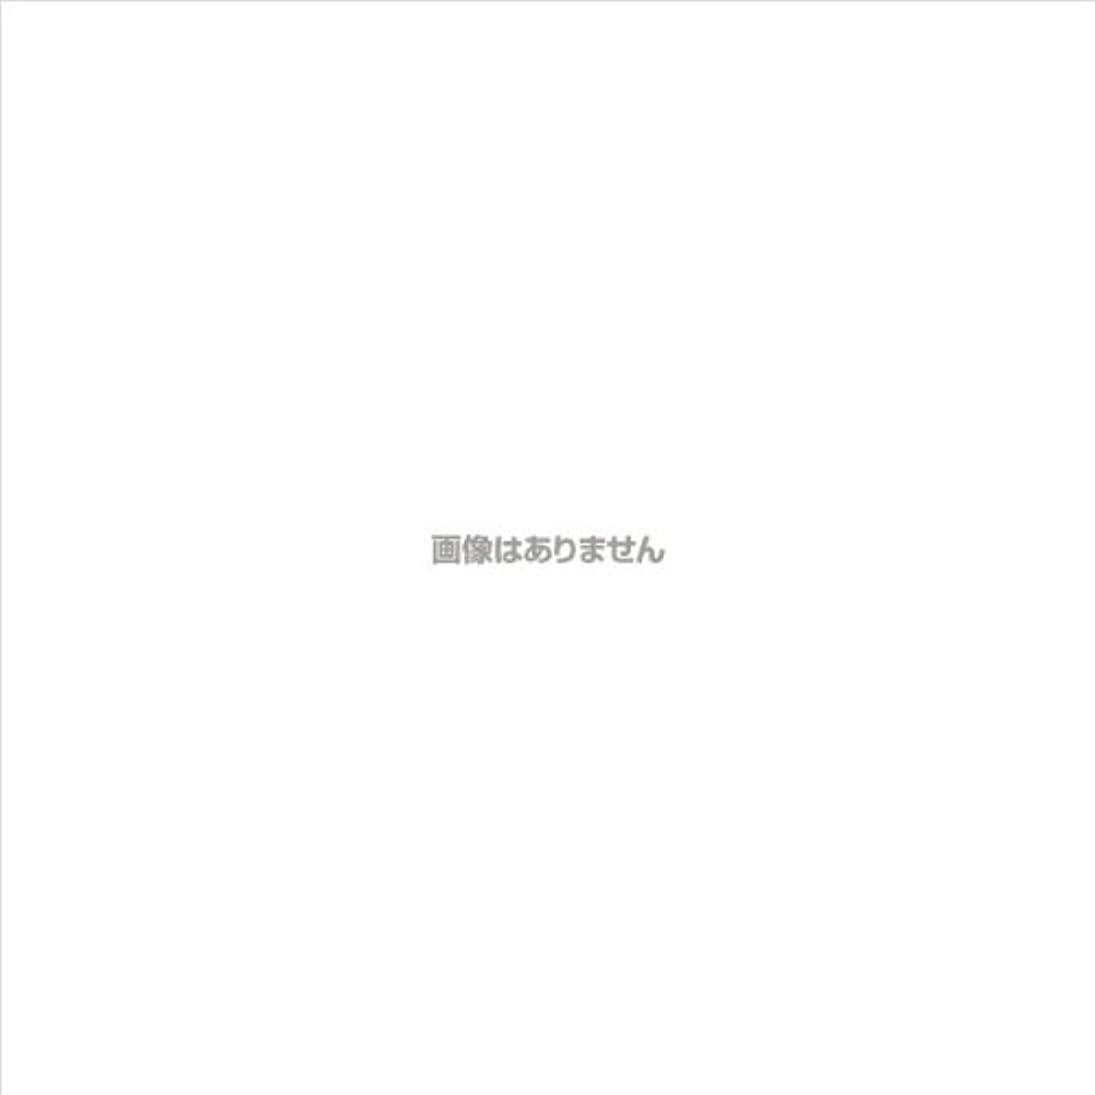 不振マーキング蒸留するニトリルNEOプラス パウダーフリー / 574 L ホワイト 100枚入 ケース(20箱入)